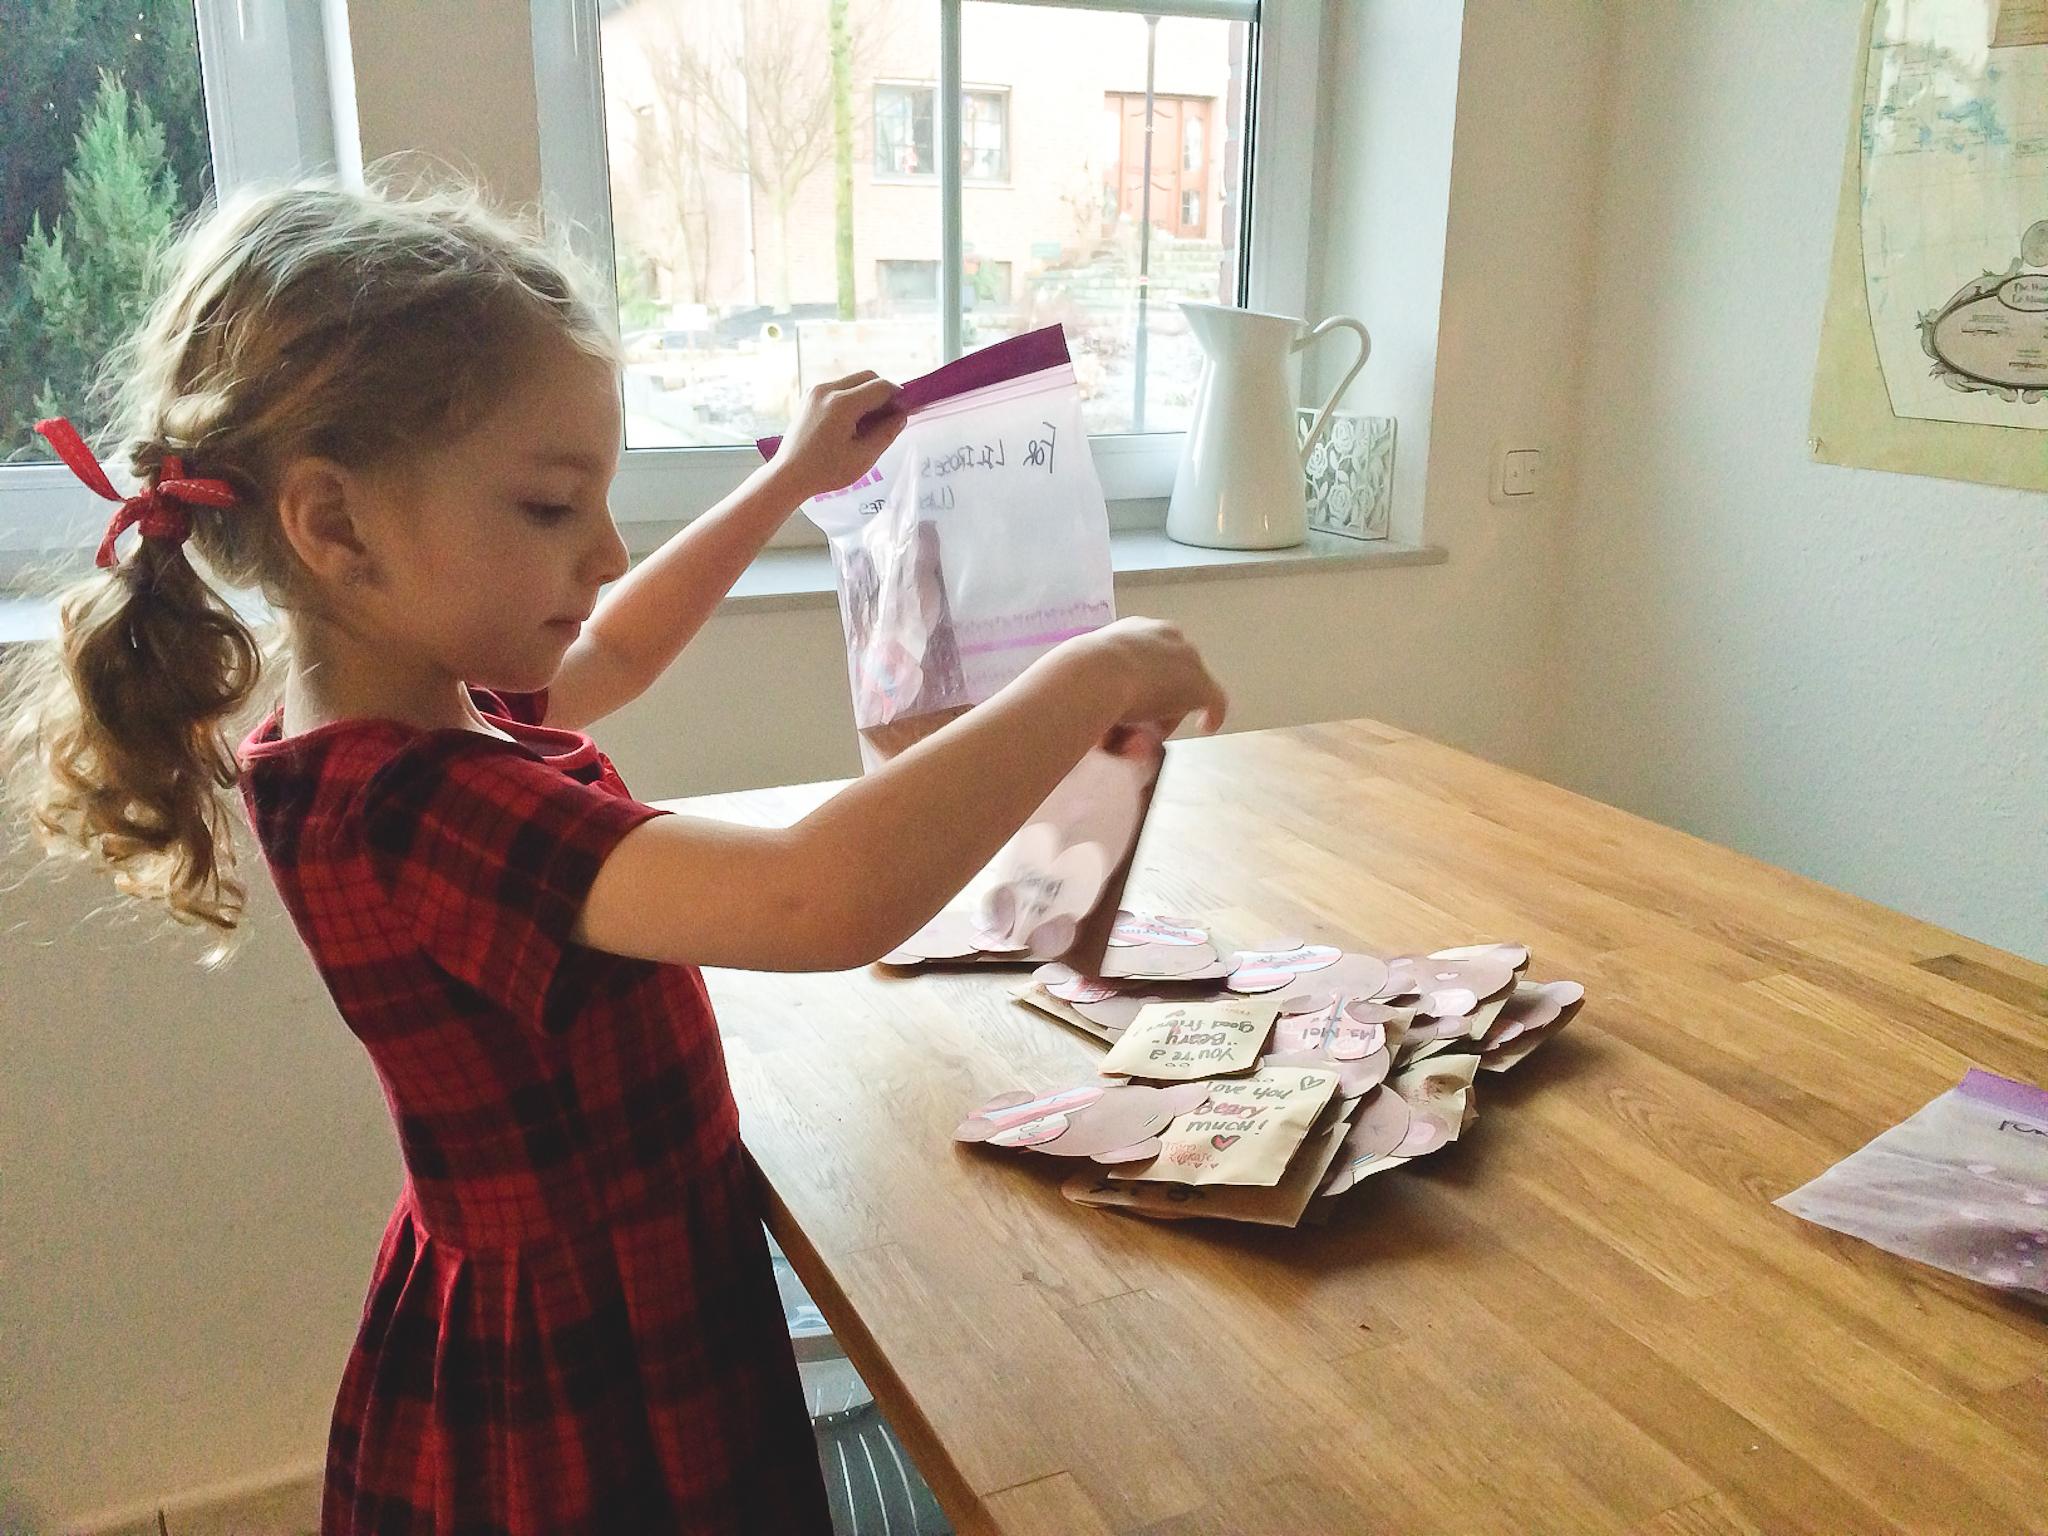 DIY St-Valentin : fabriquer des valentins pour ses amis.